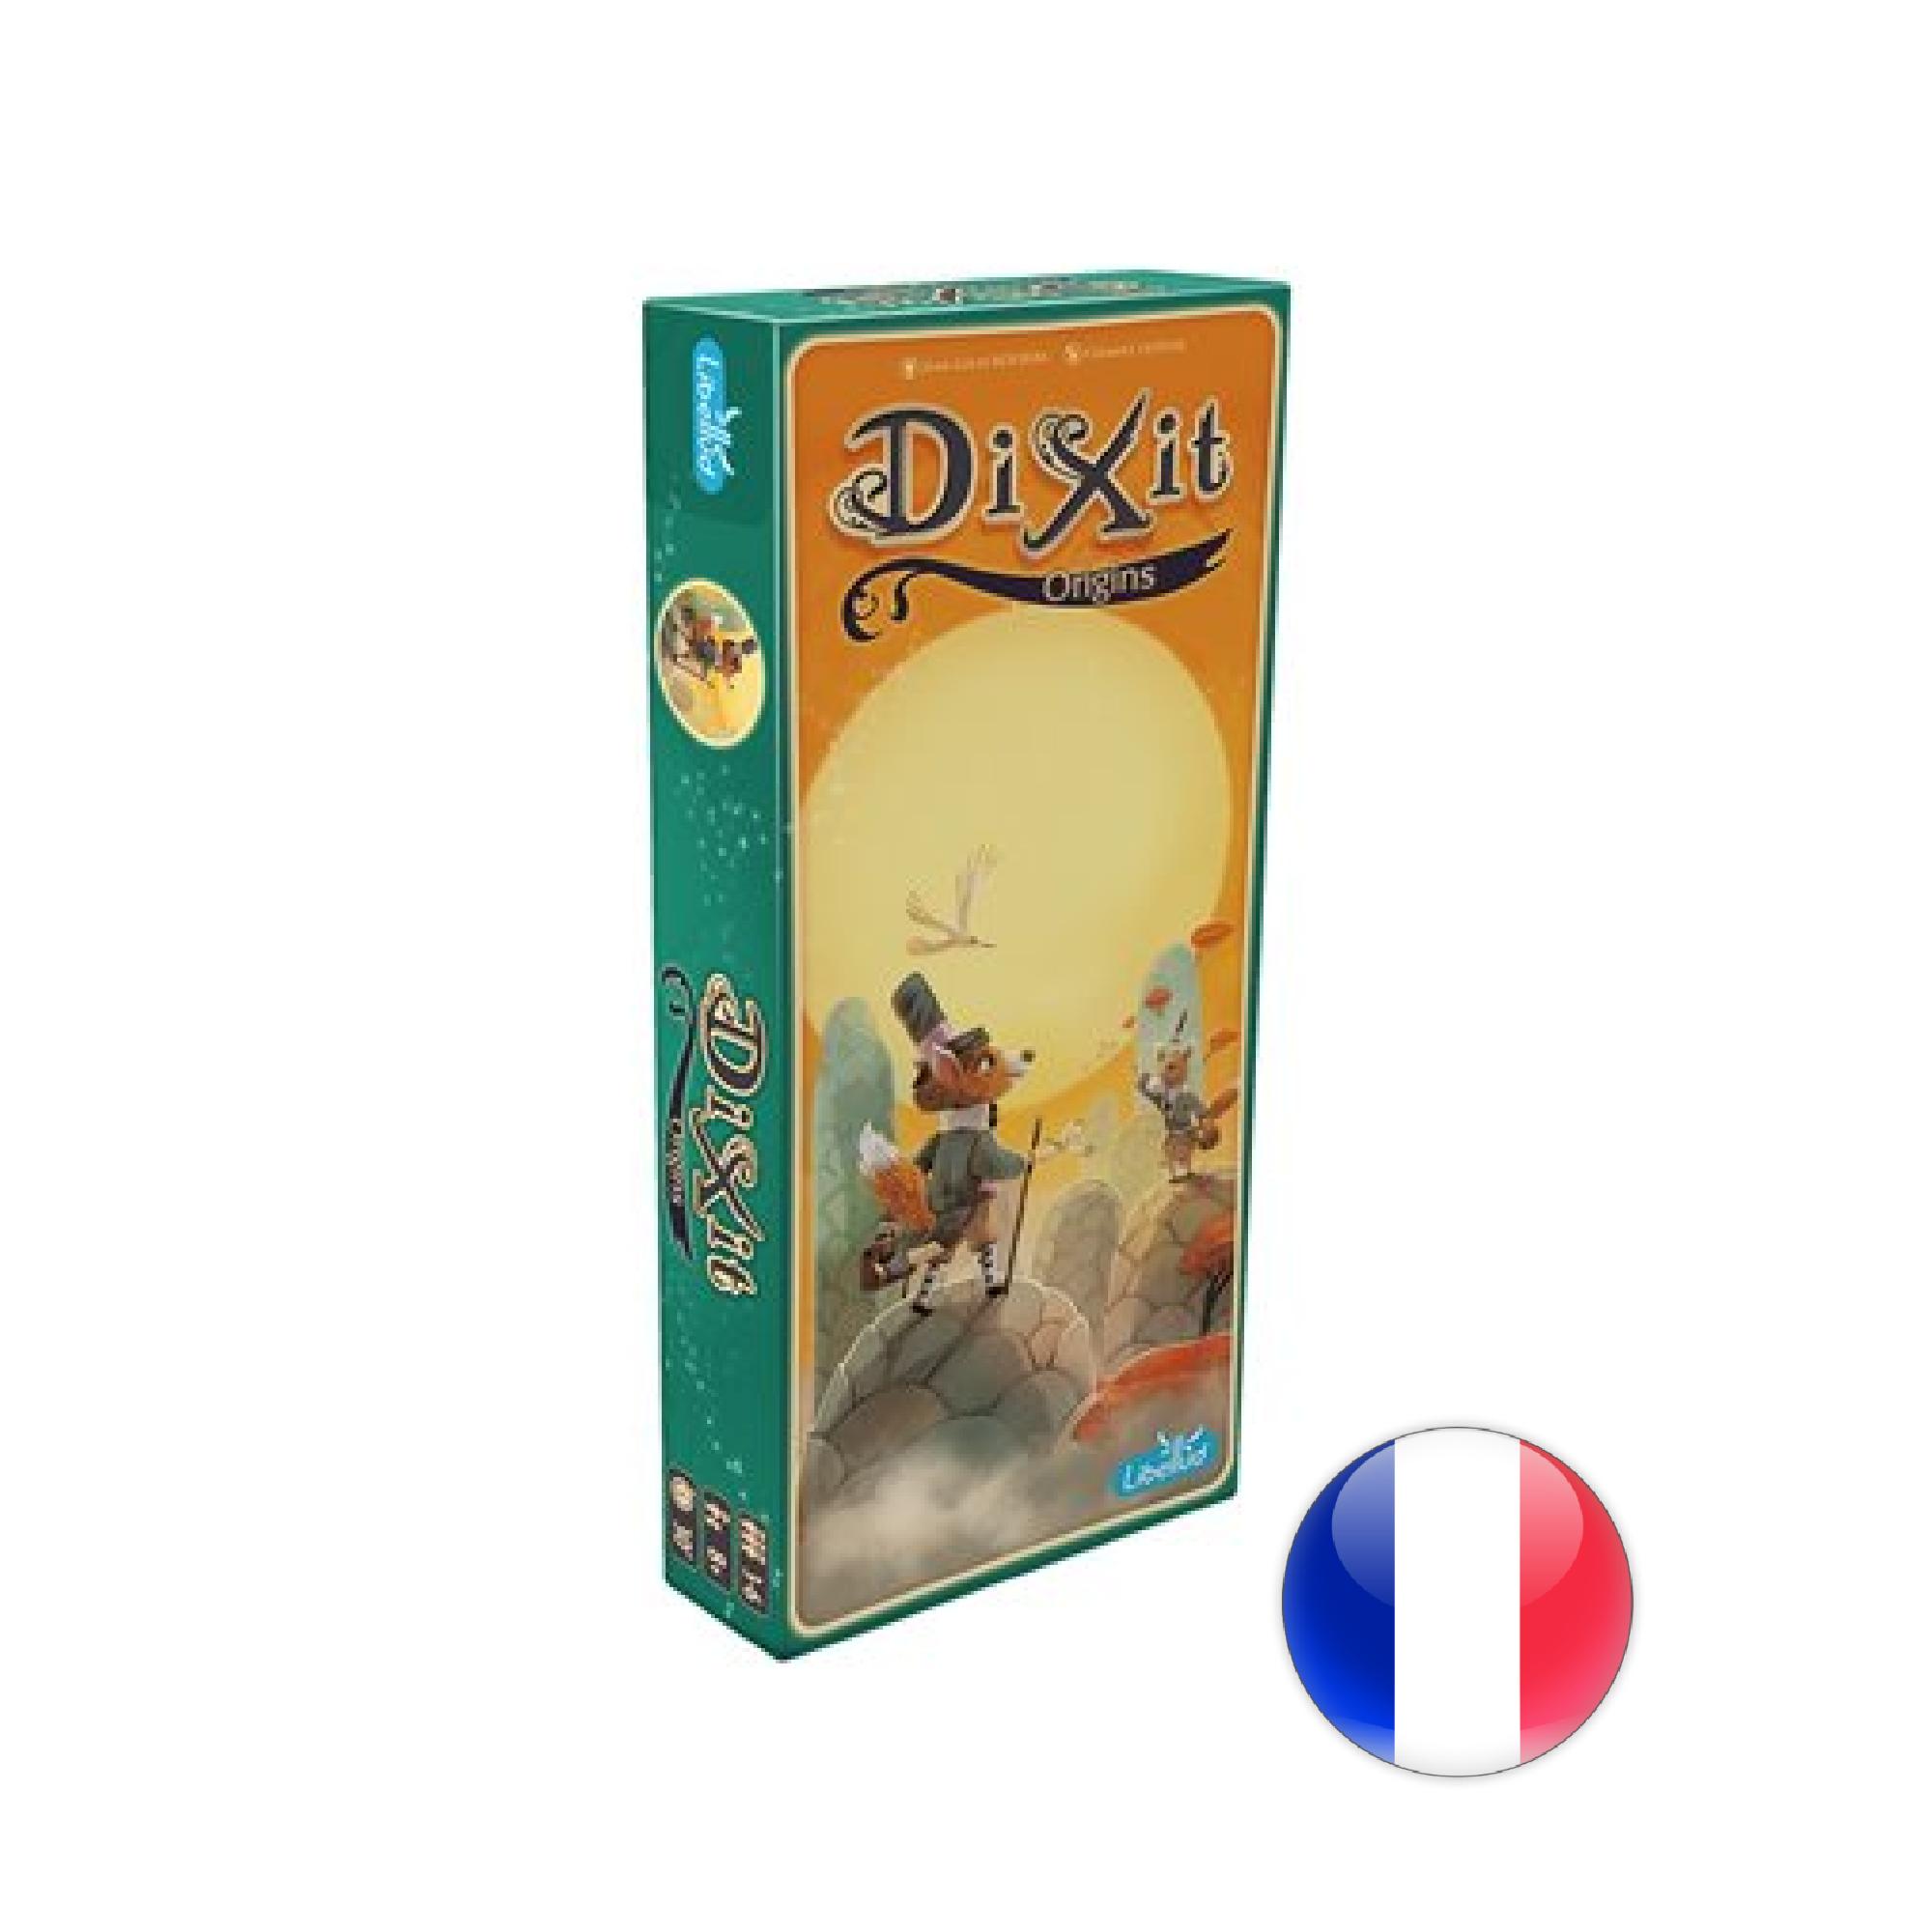 Libellud Dixit Ext. 3 Origins (multi)